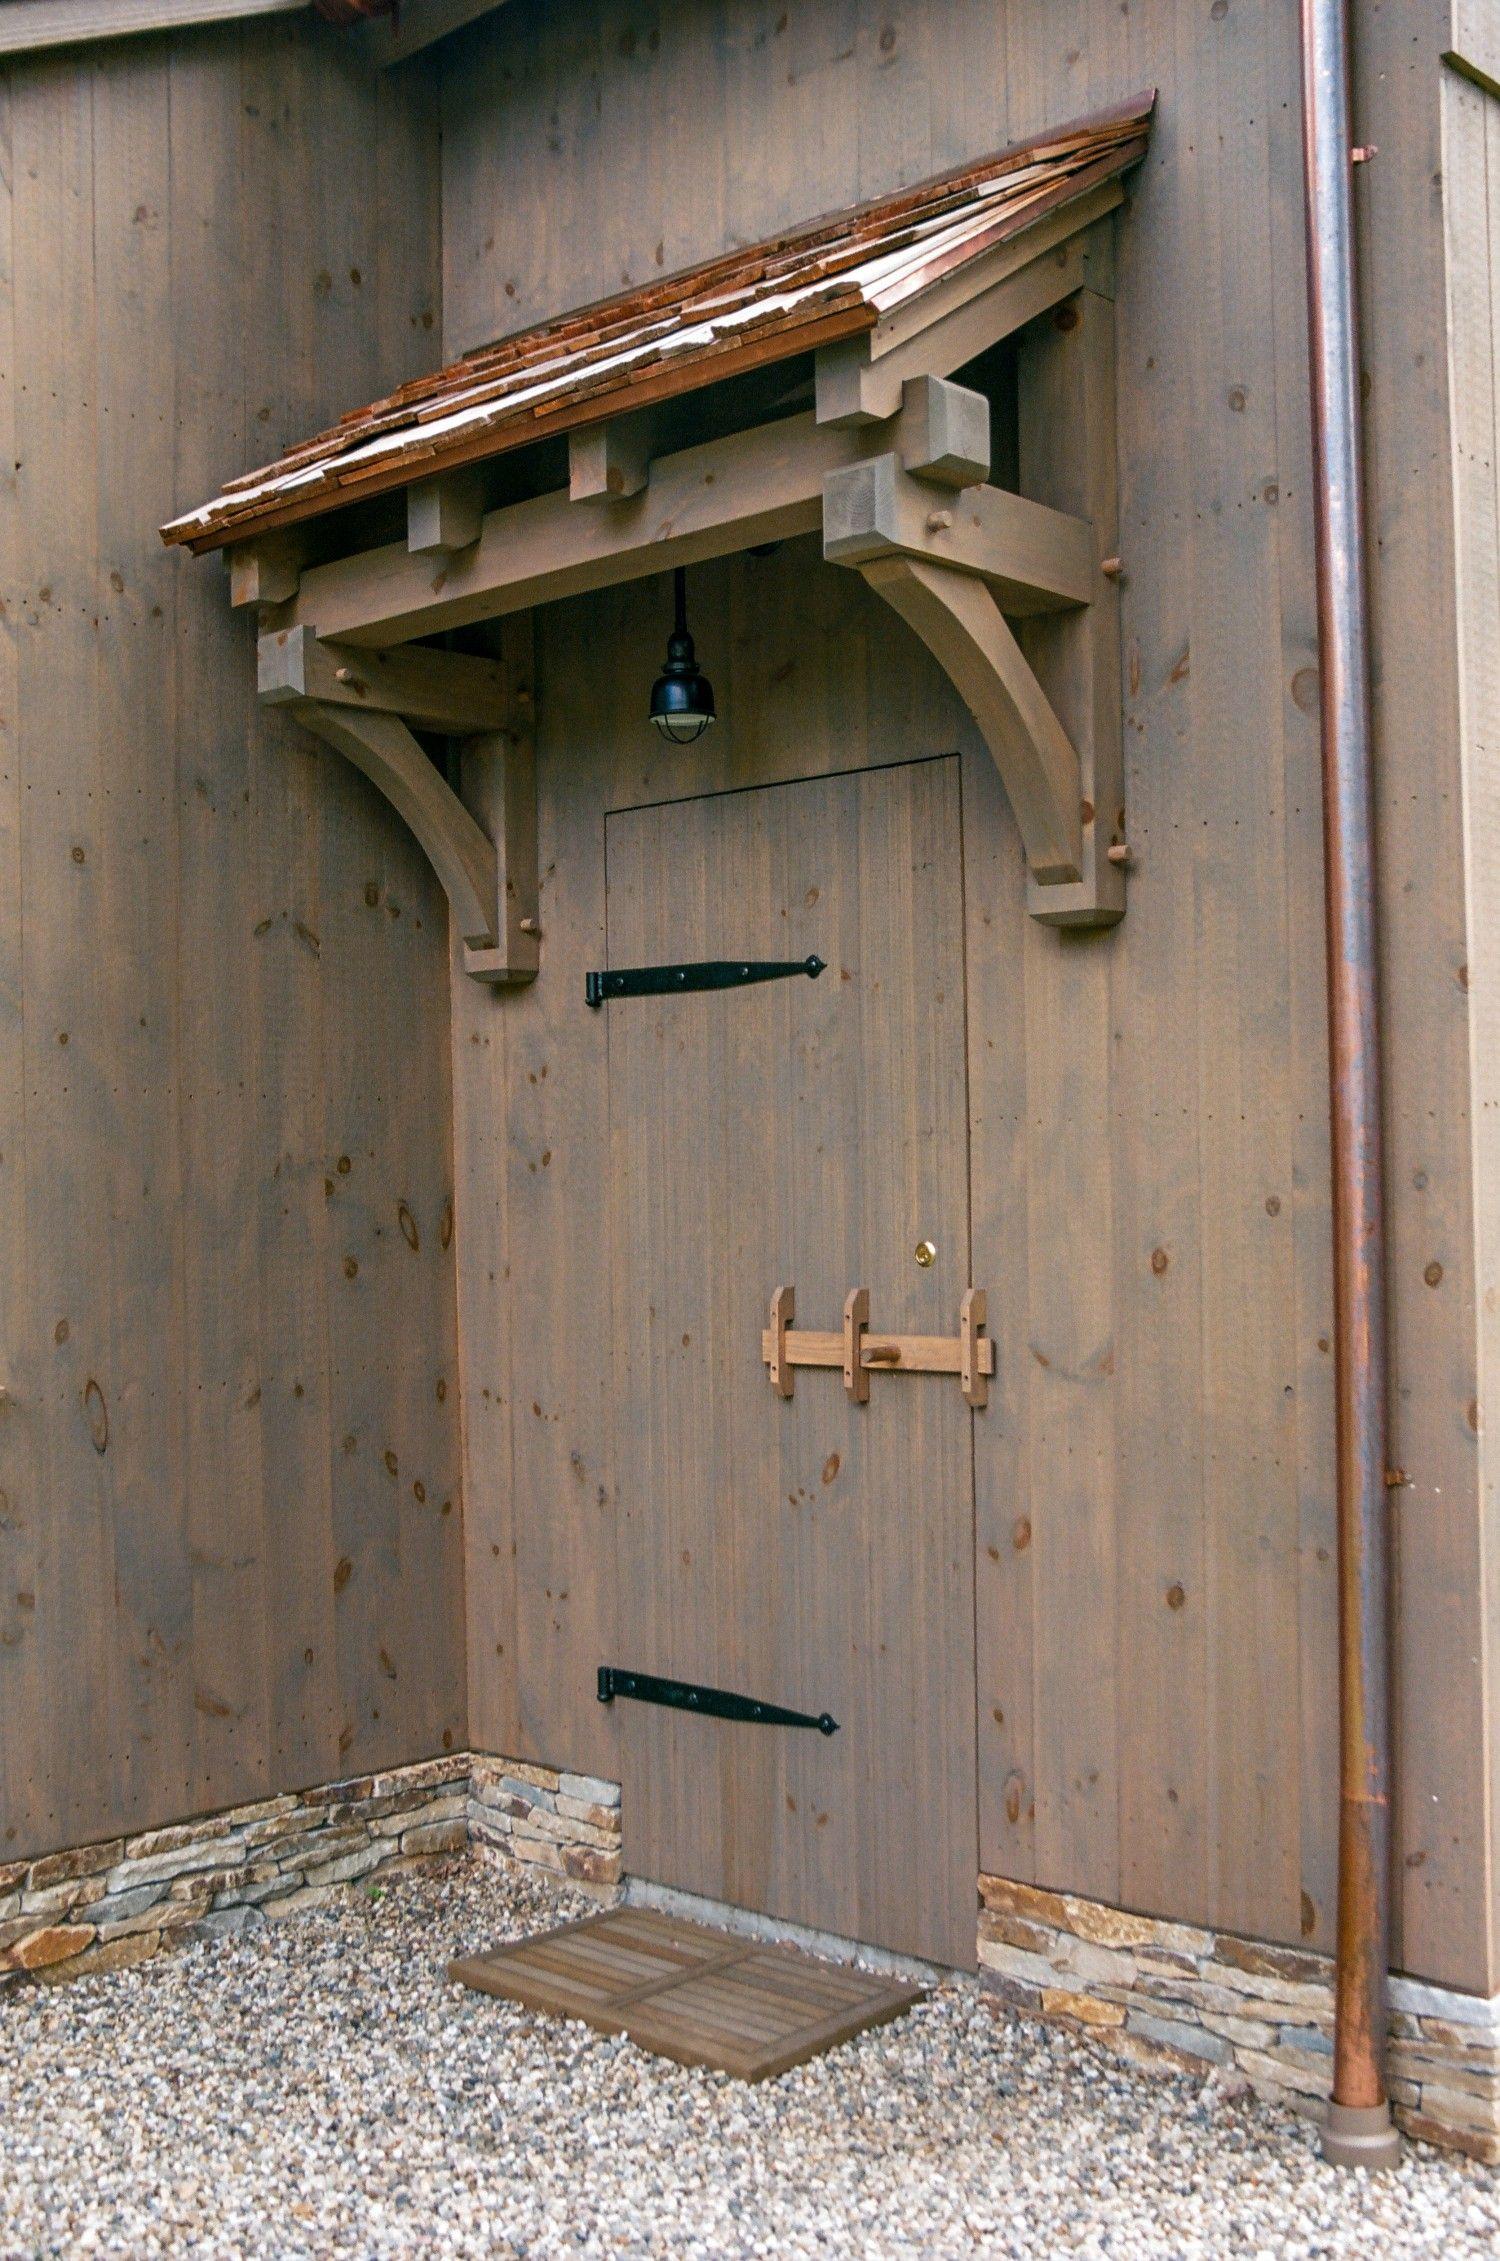 3 Barn Door With Timber Frame Eyebrow Roof Barn Wood